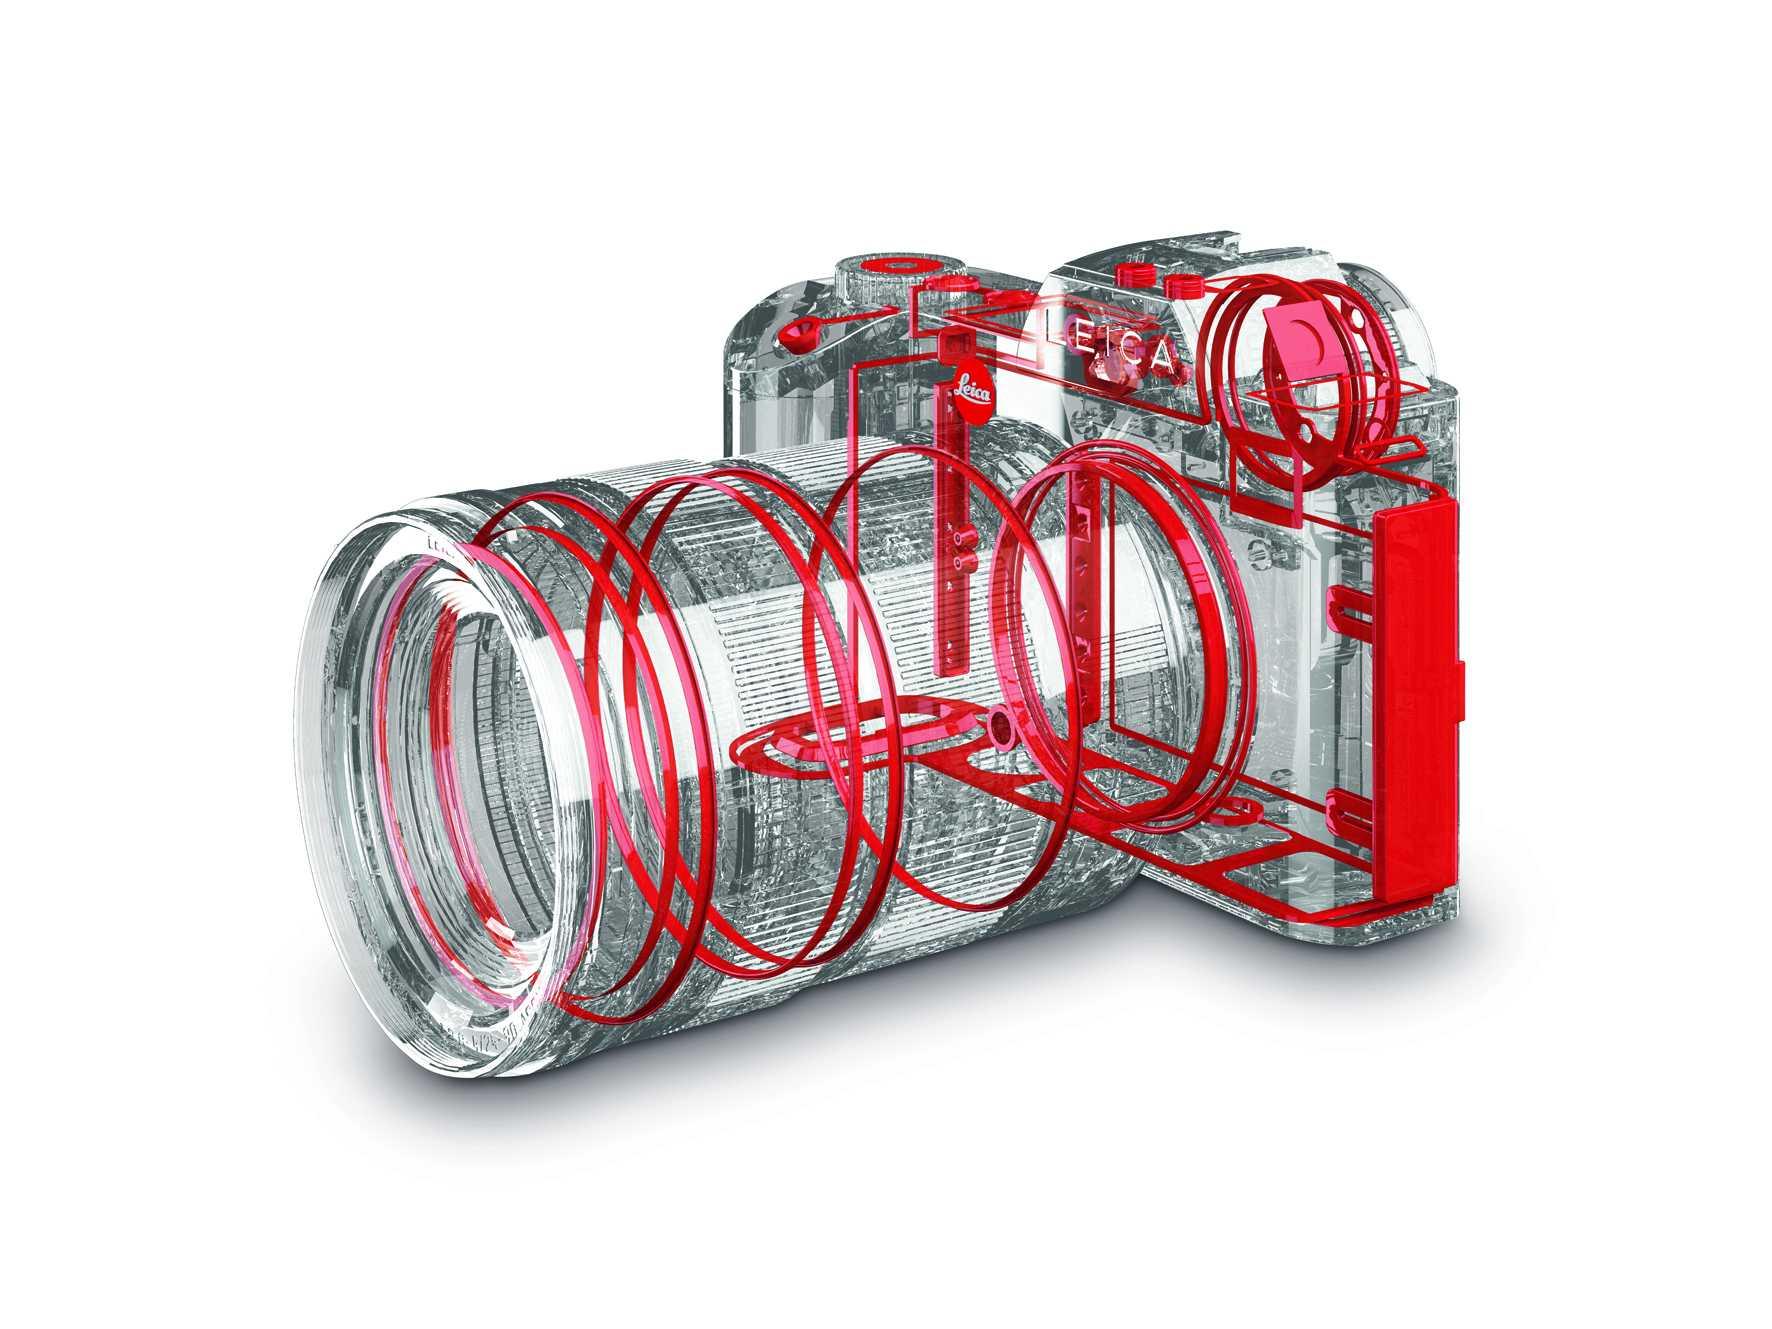 Dichtungen sollen die Leica SL gegen Staub und Spritzwasser schützen.